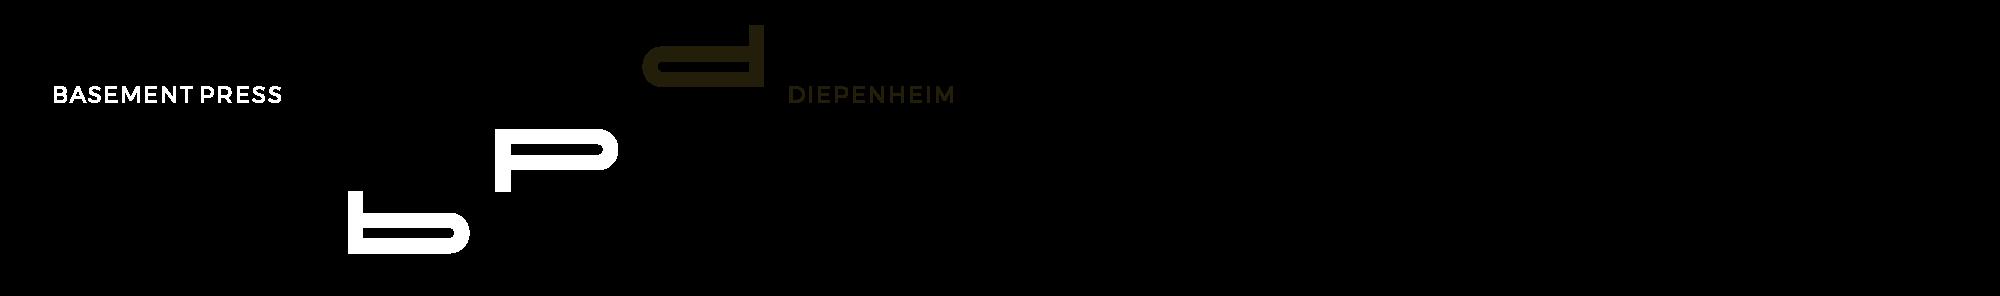 Basement Press Diepenheim